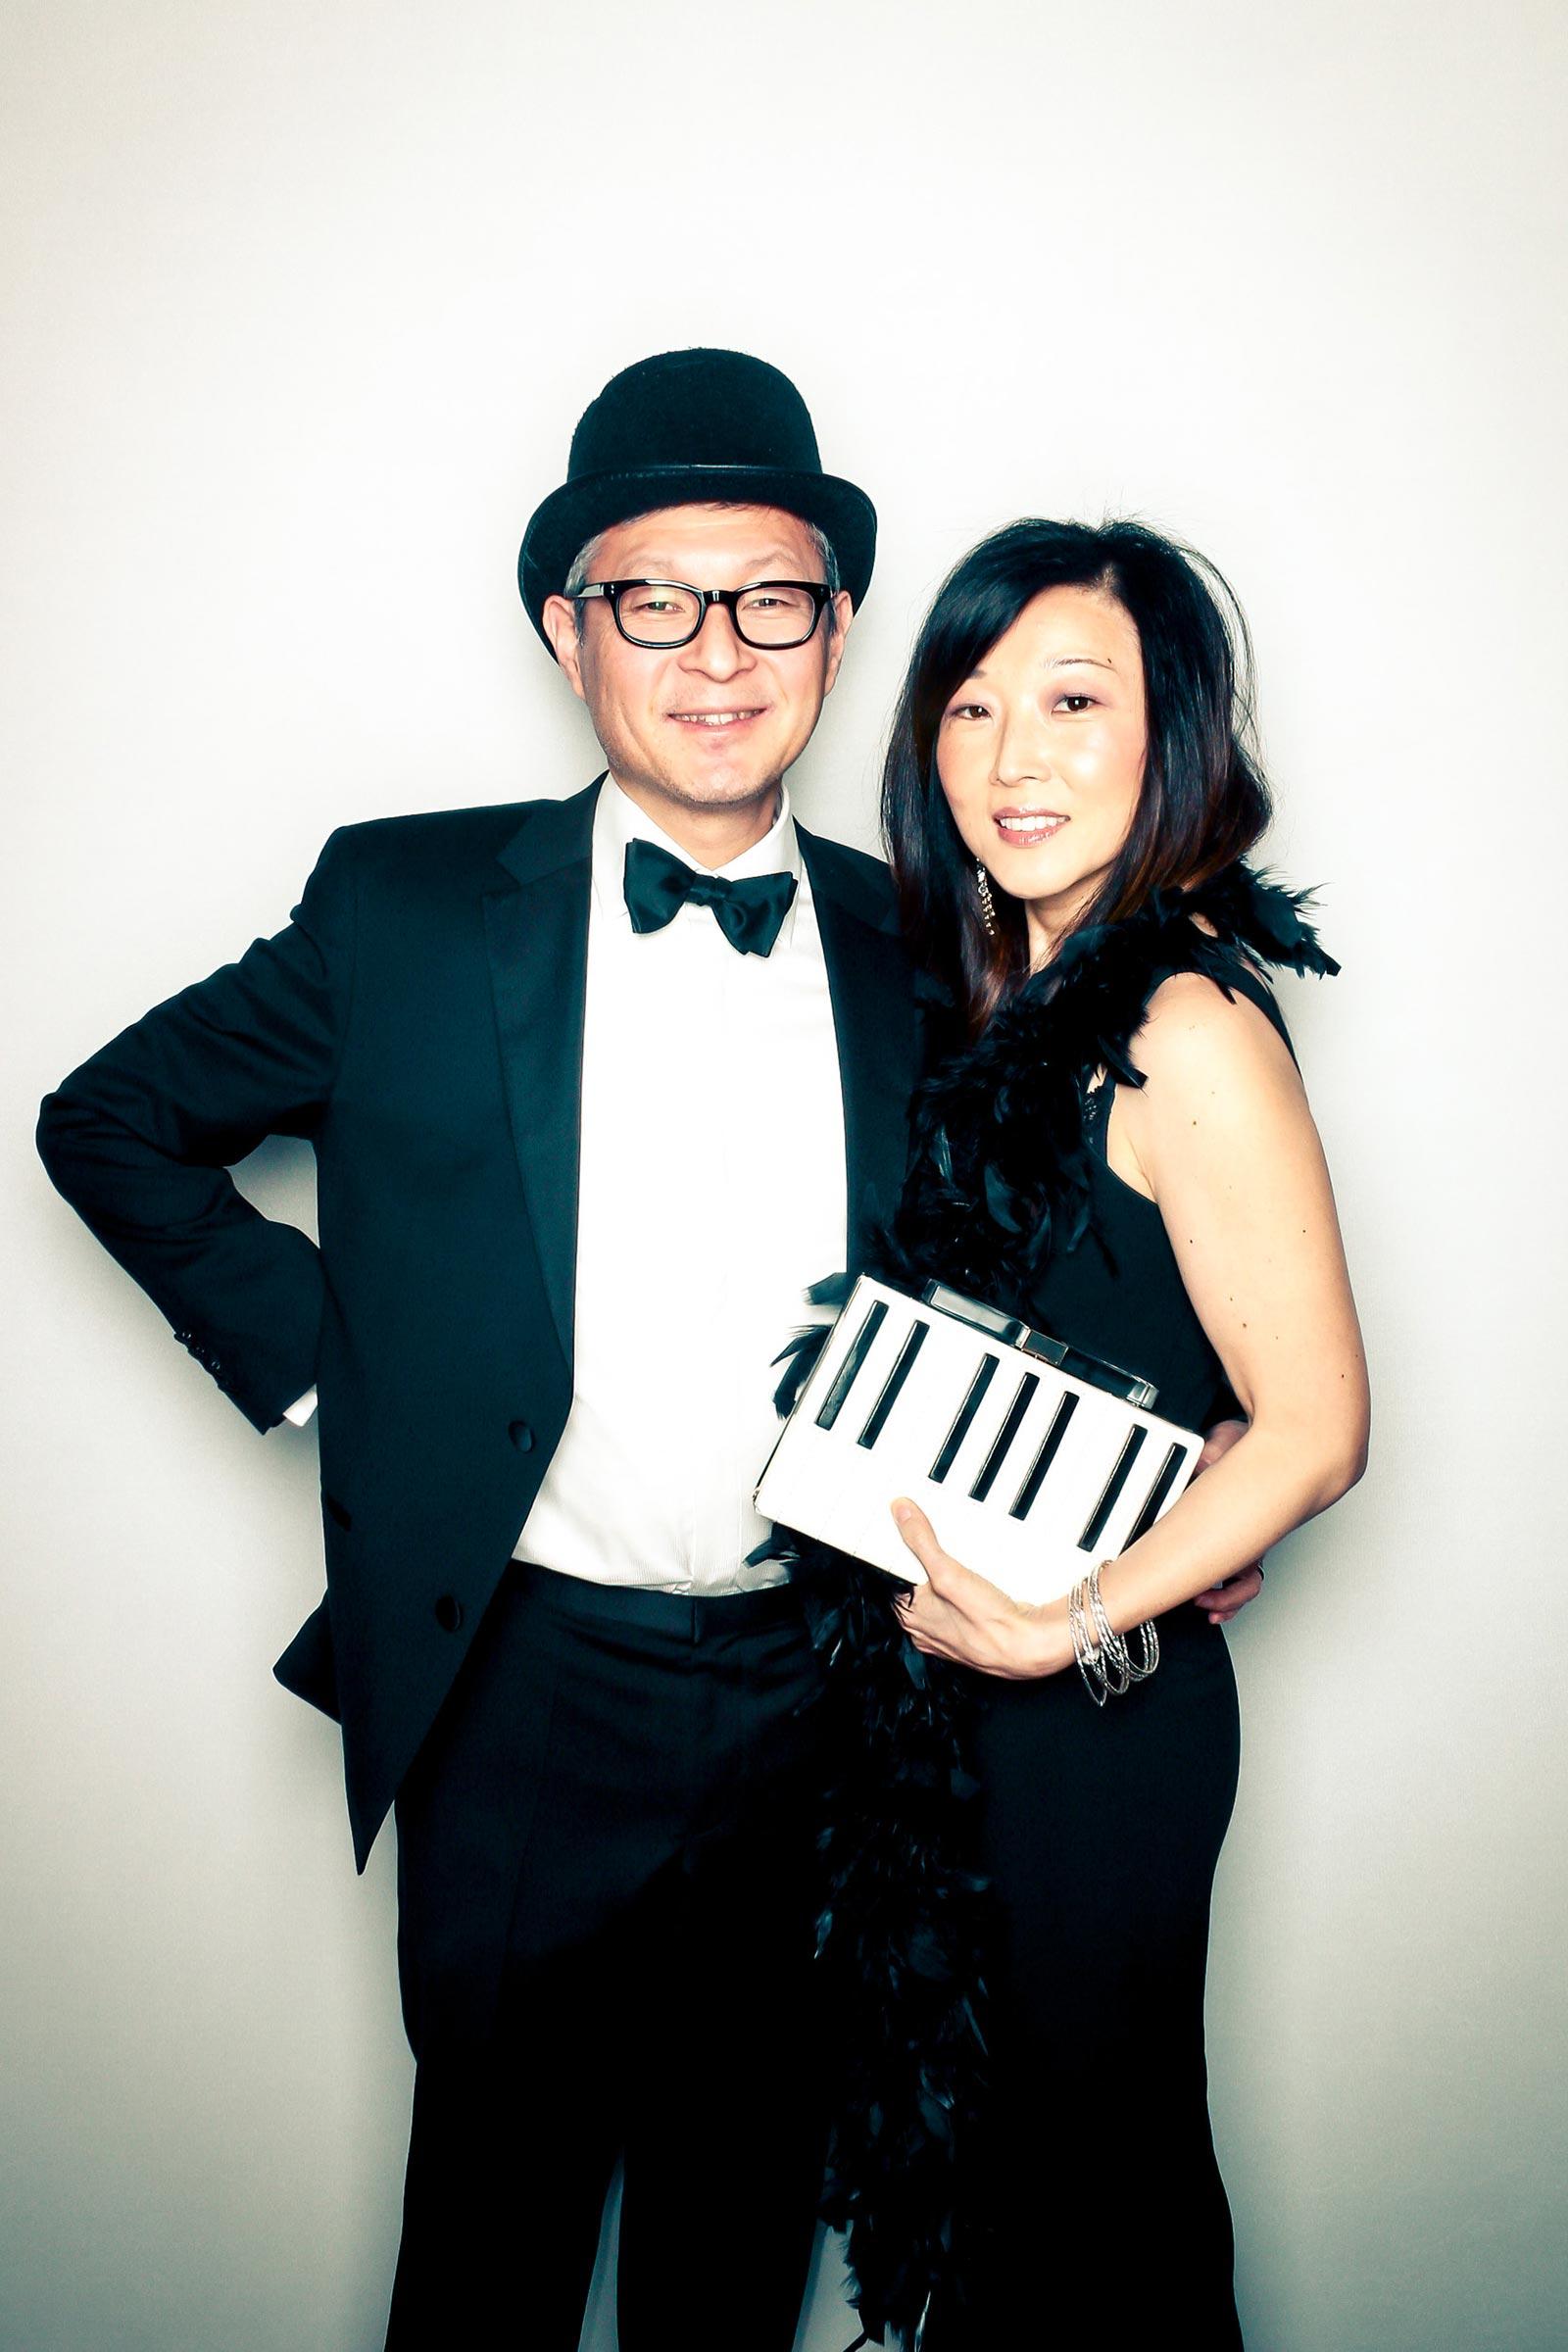 Seattle Opera Gala Sung Yang & SoYoung Kwon